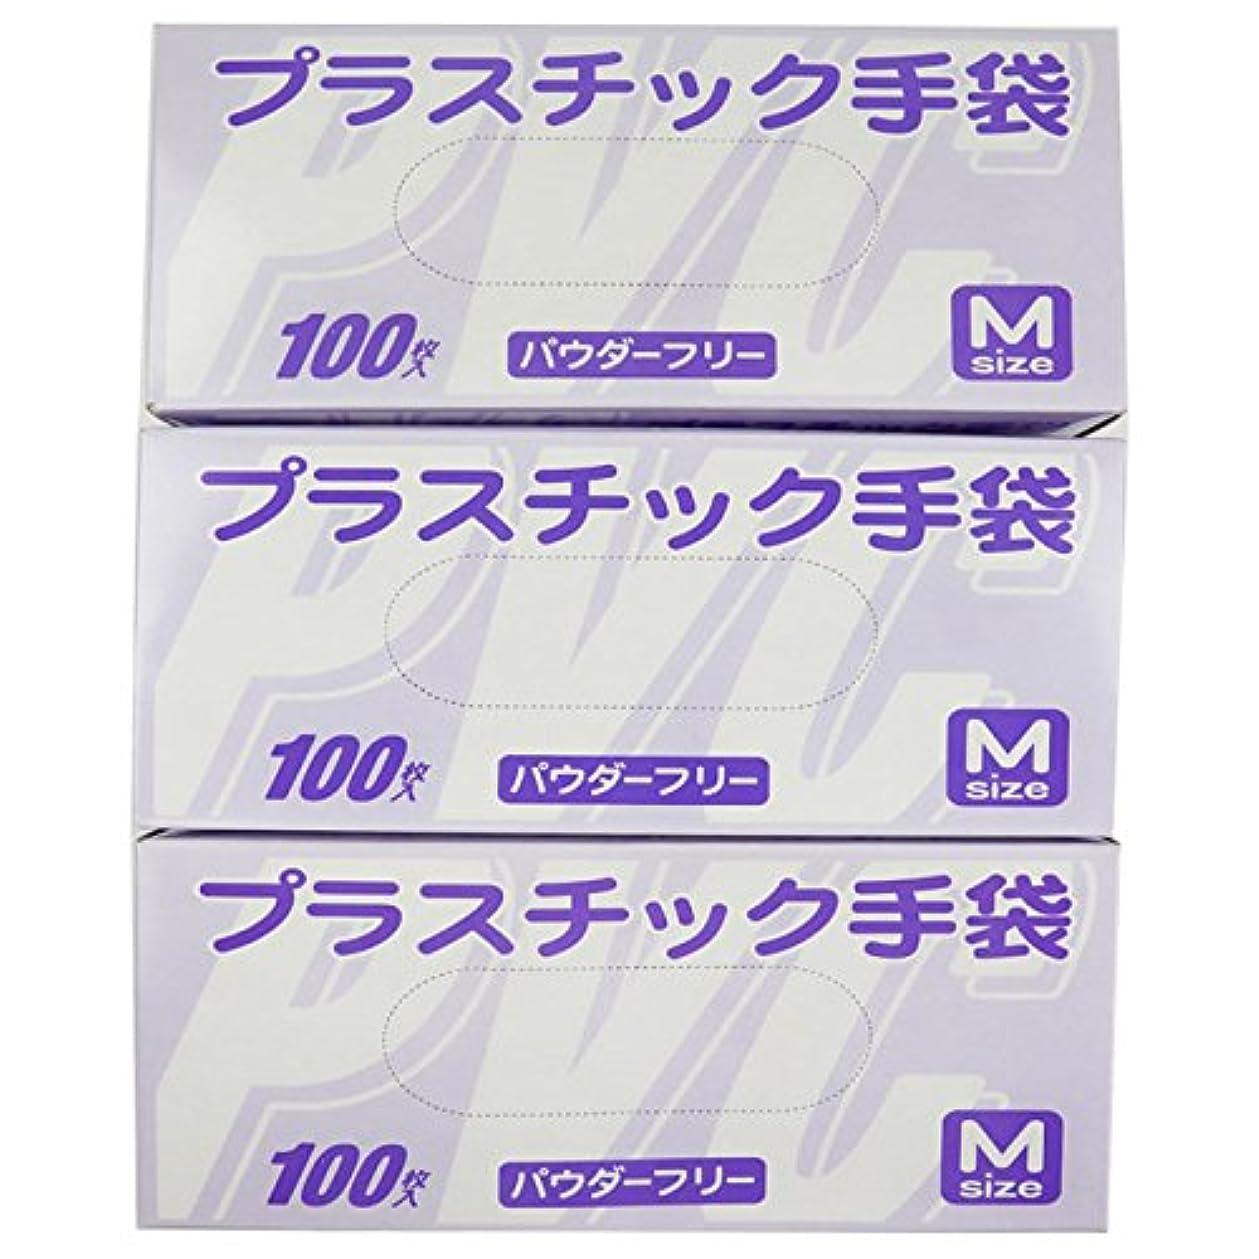 野望脈拍極小【お得なセット商品】使い捨て手袋 プラスチックグローブ 粉なし Mサイズ 100枚入×3個セット 超薄手 100422